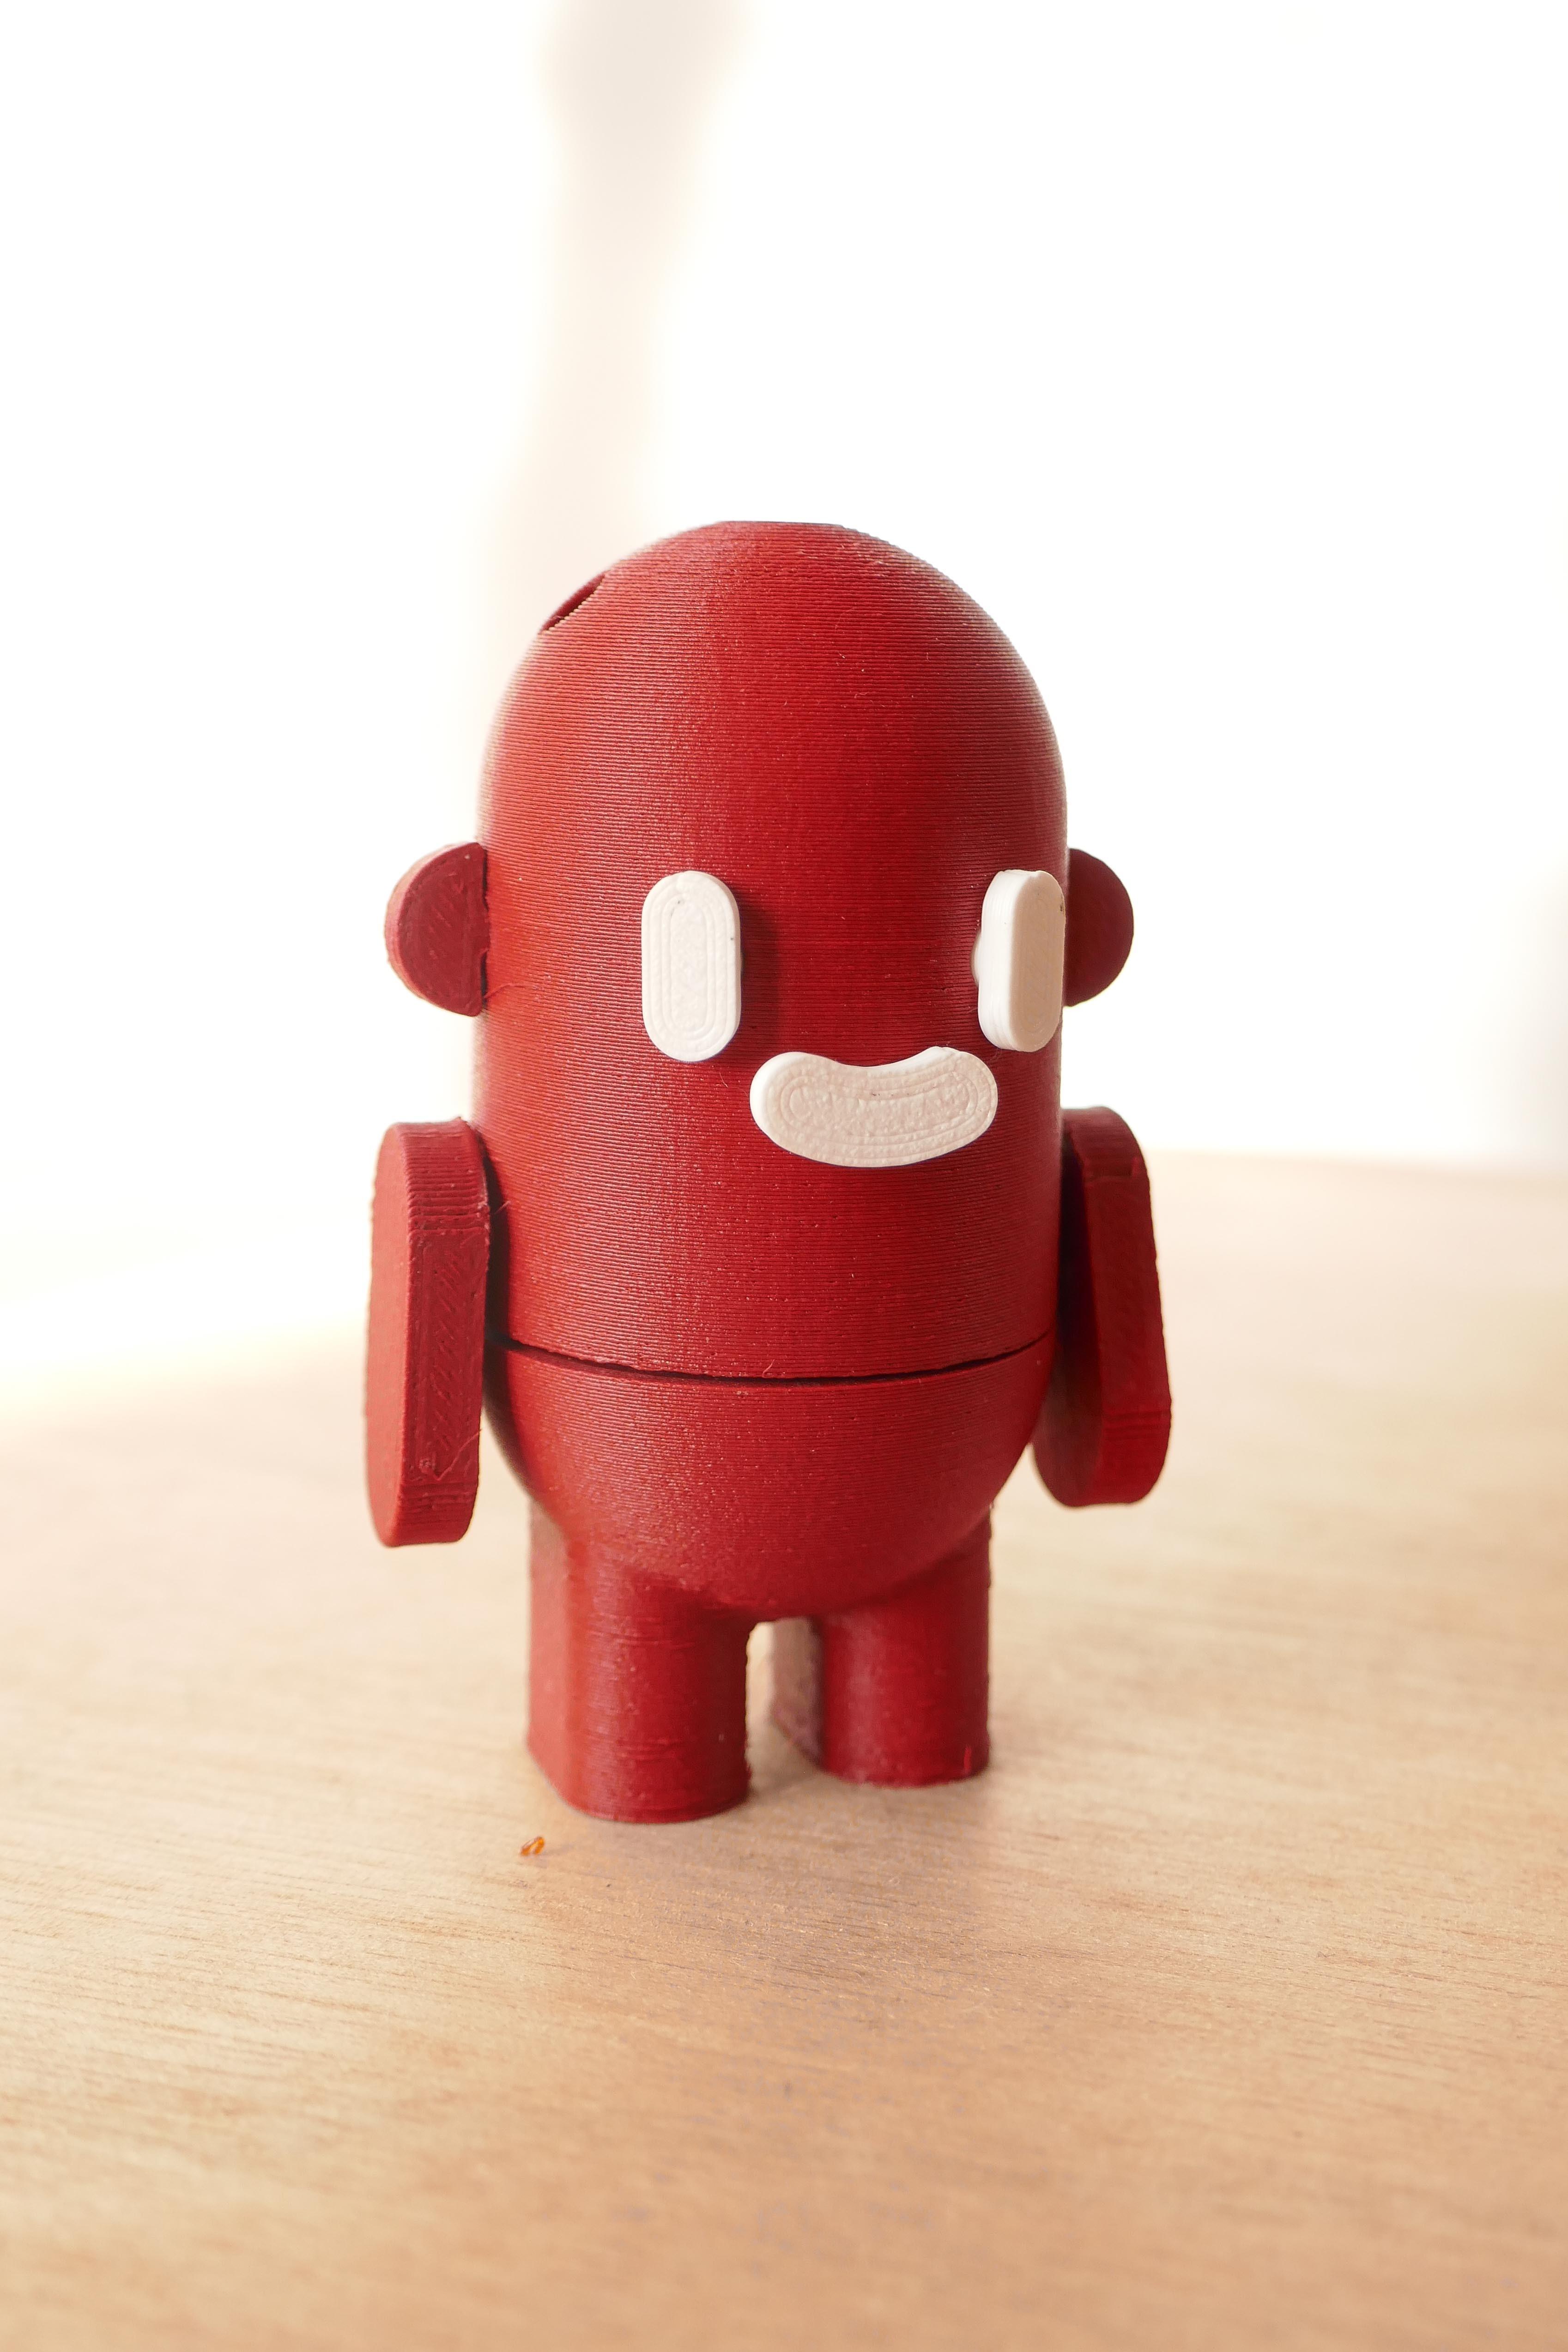 Click and smile_FIGURINE STARTER PACK_studio klipsi_2020 (1 sur 20) (7).jpg Download free STL file Action figure - CLICK & SMILE - Starter pack • Model to 3D print, StudioKlipsi